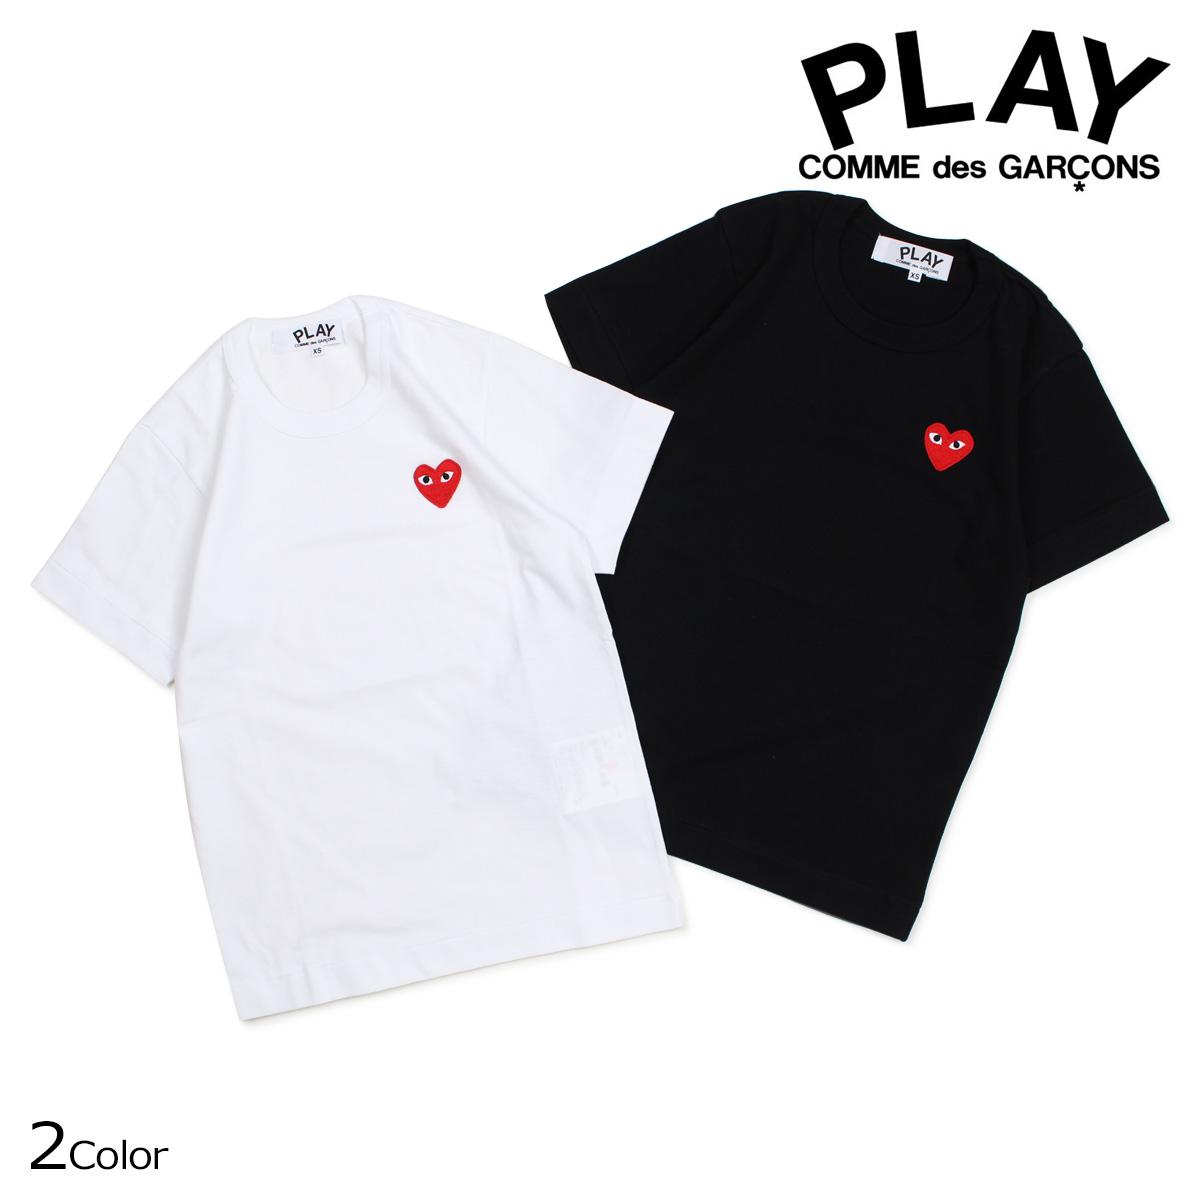 cdg polo shirt price